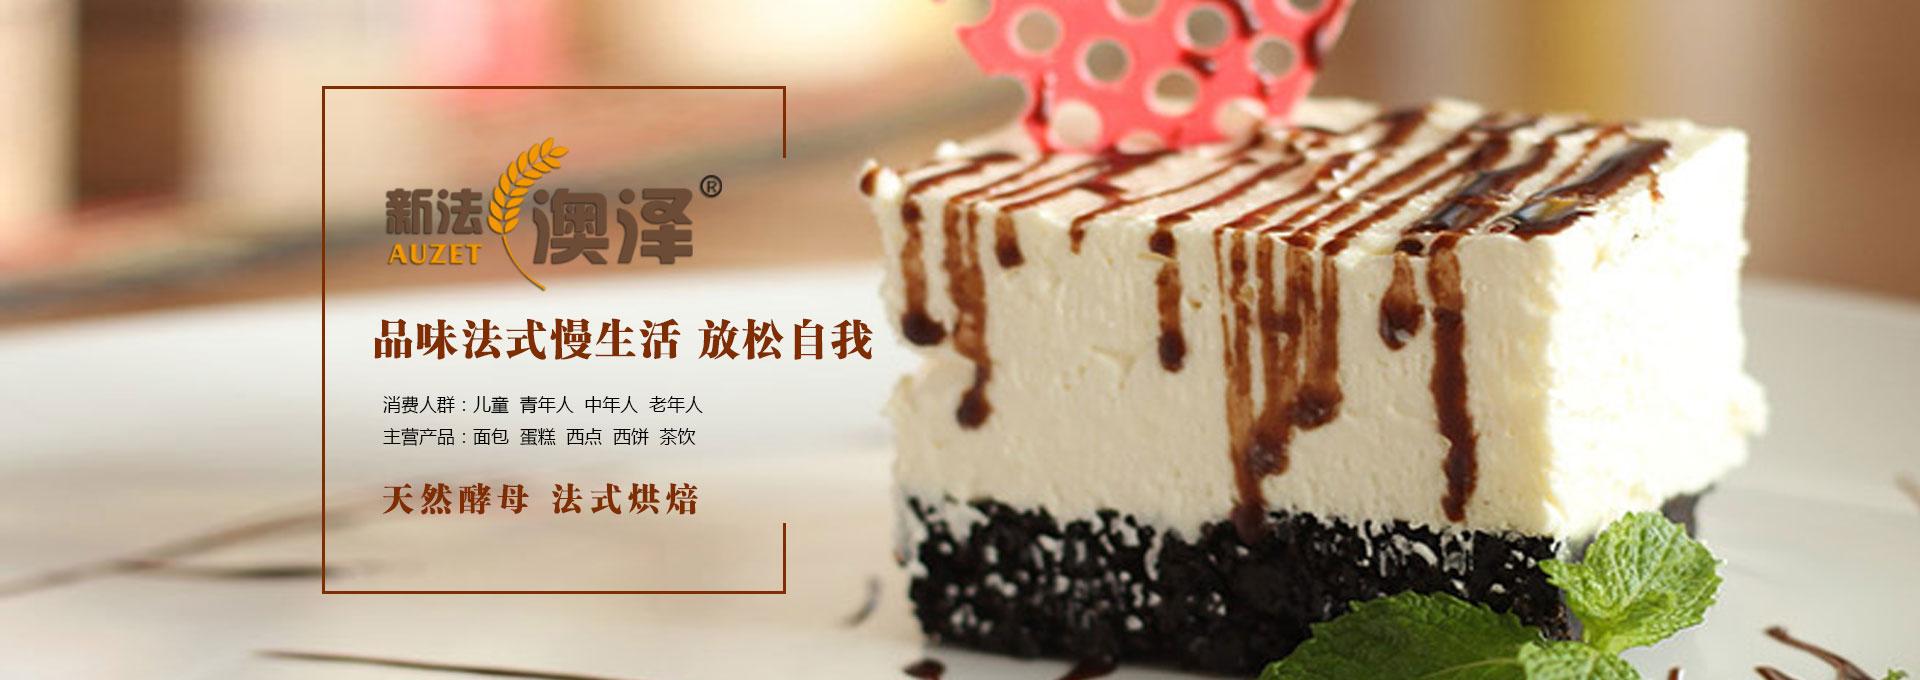 新法澳泽法式烘焙_昌启蛋糕面包加盟